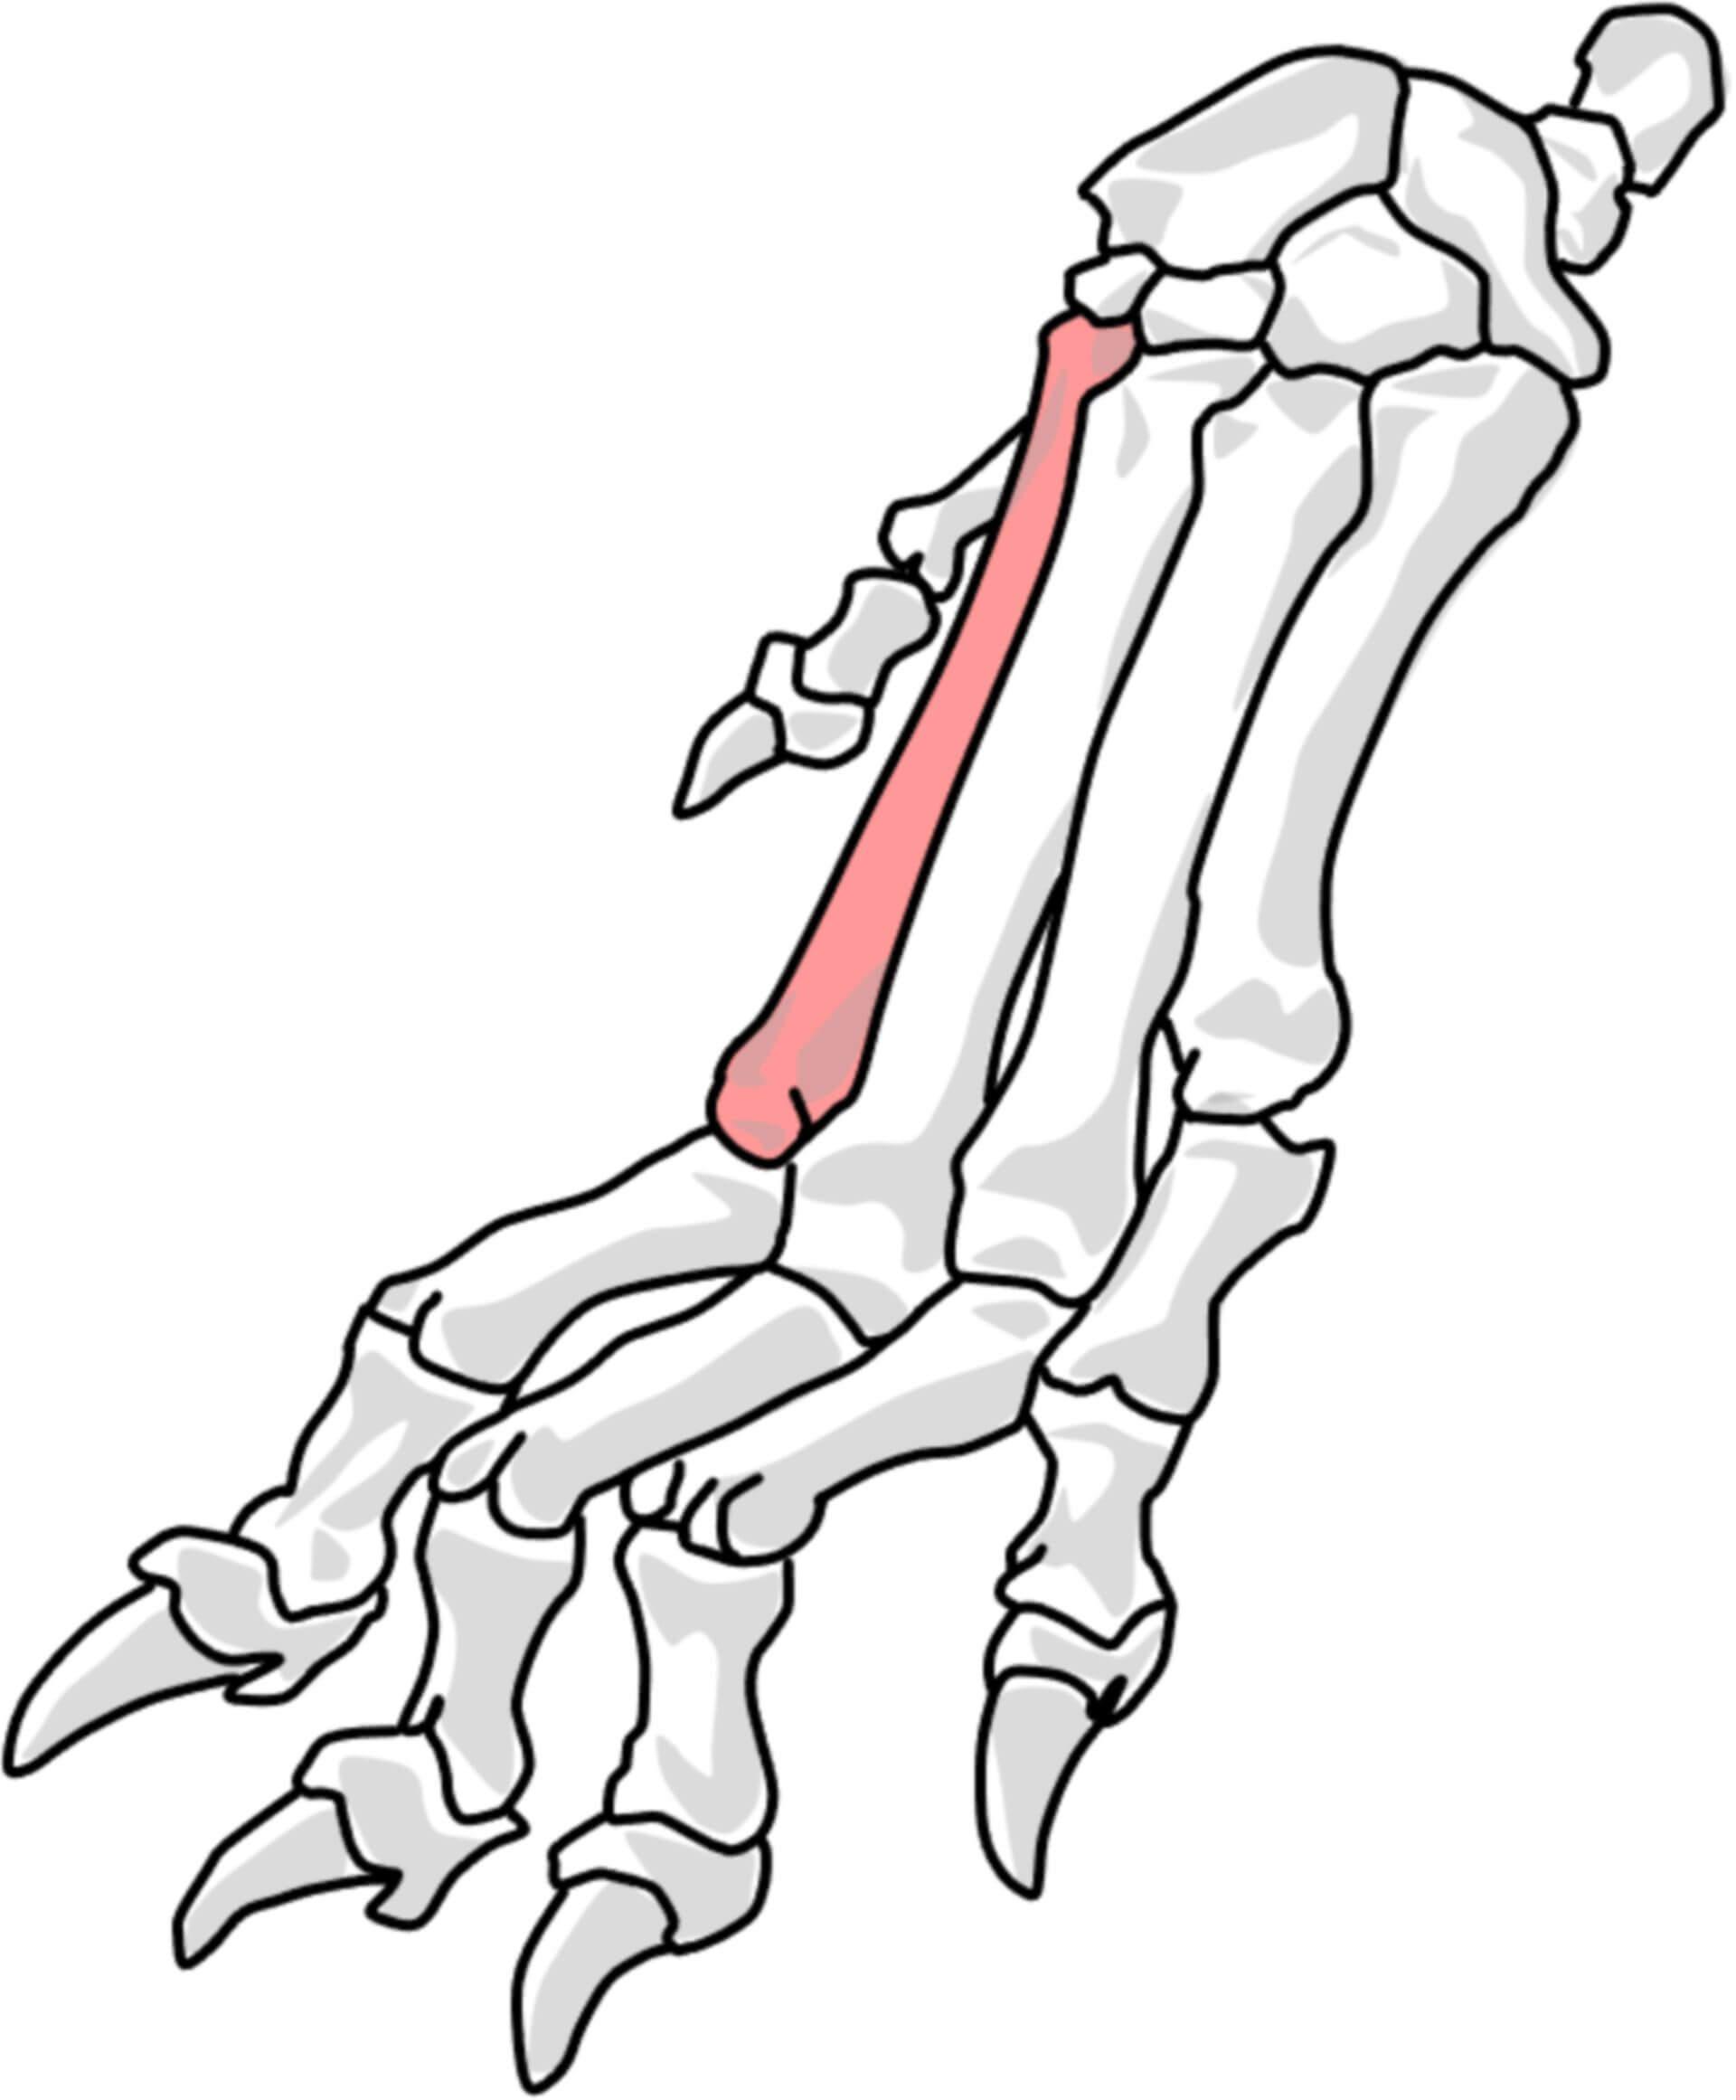 2. Metakarpalknochen beim Hund (© Patrick Messner)